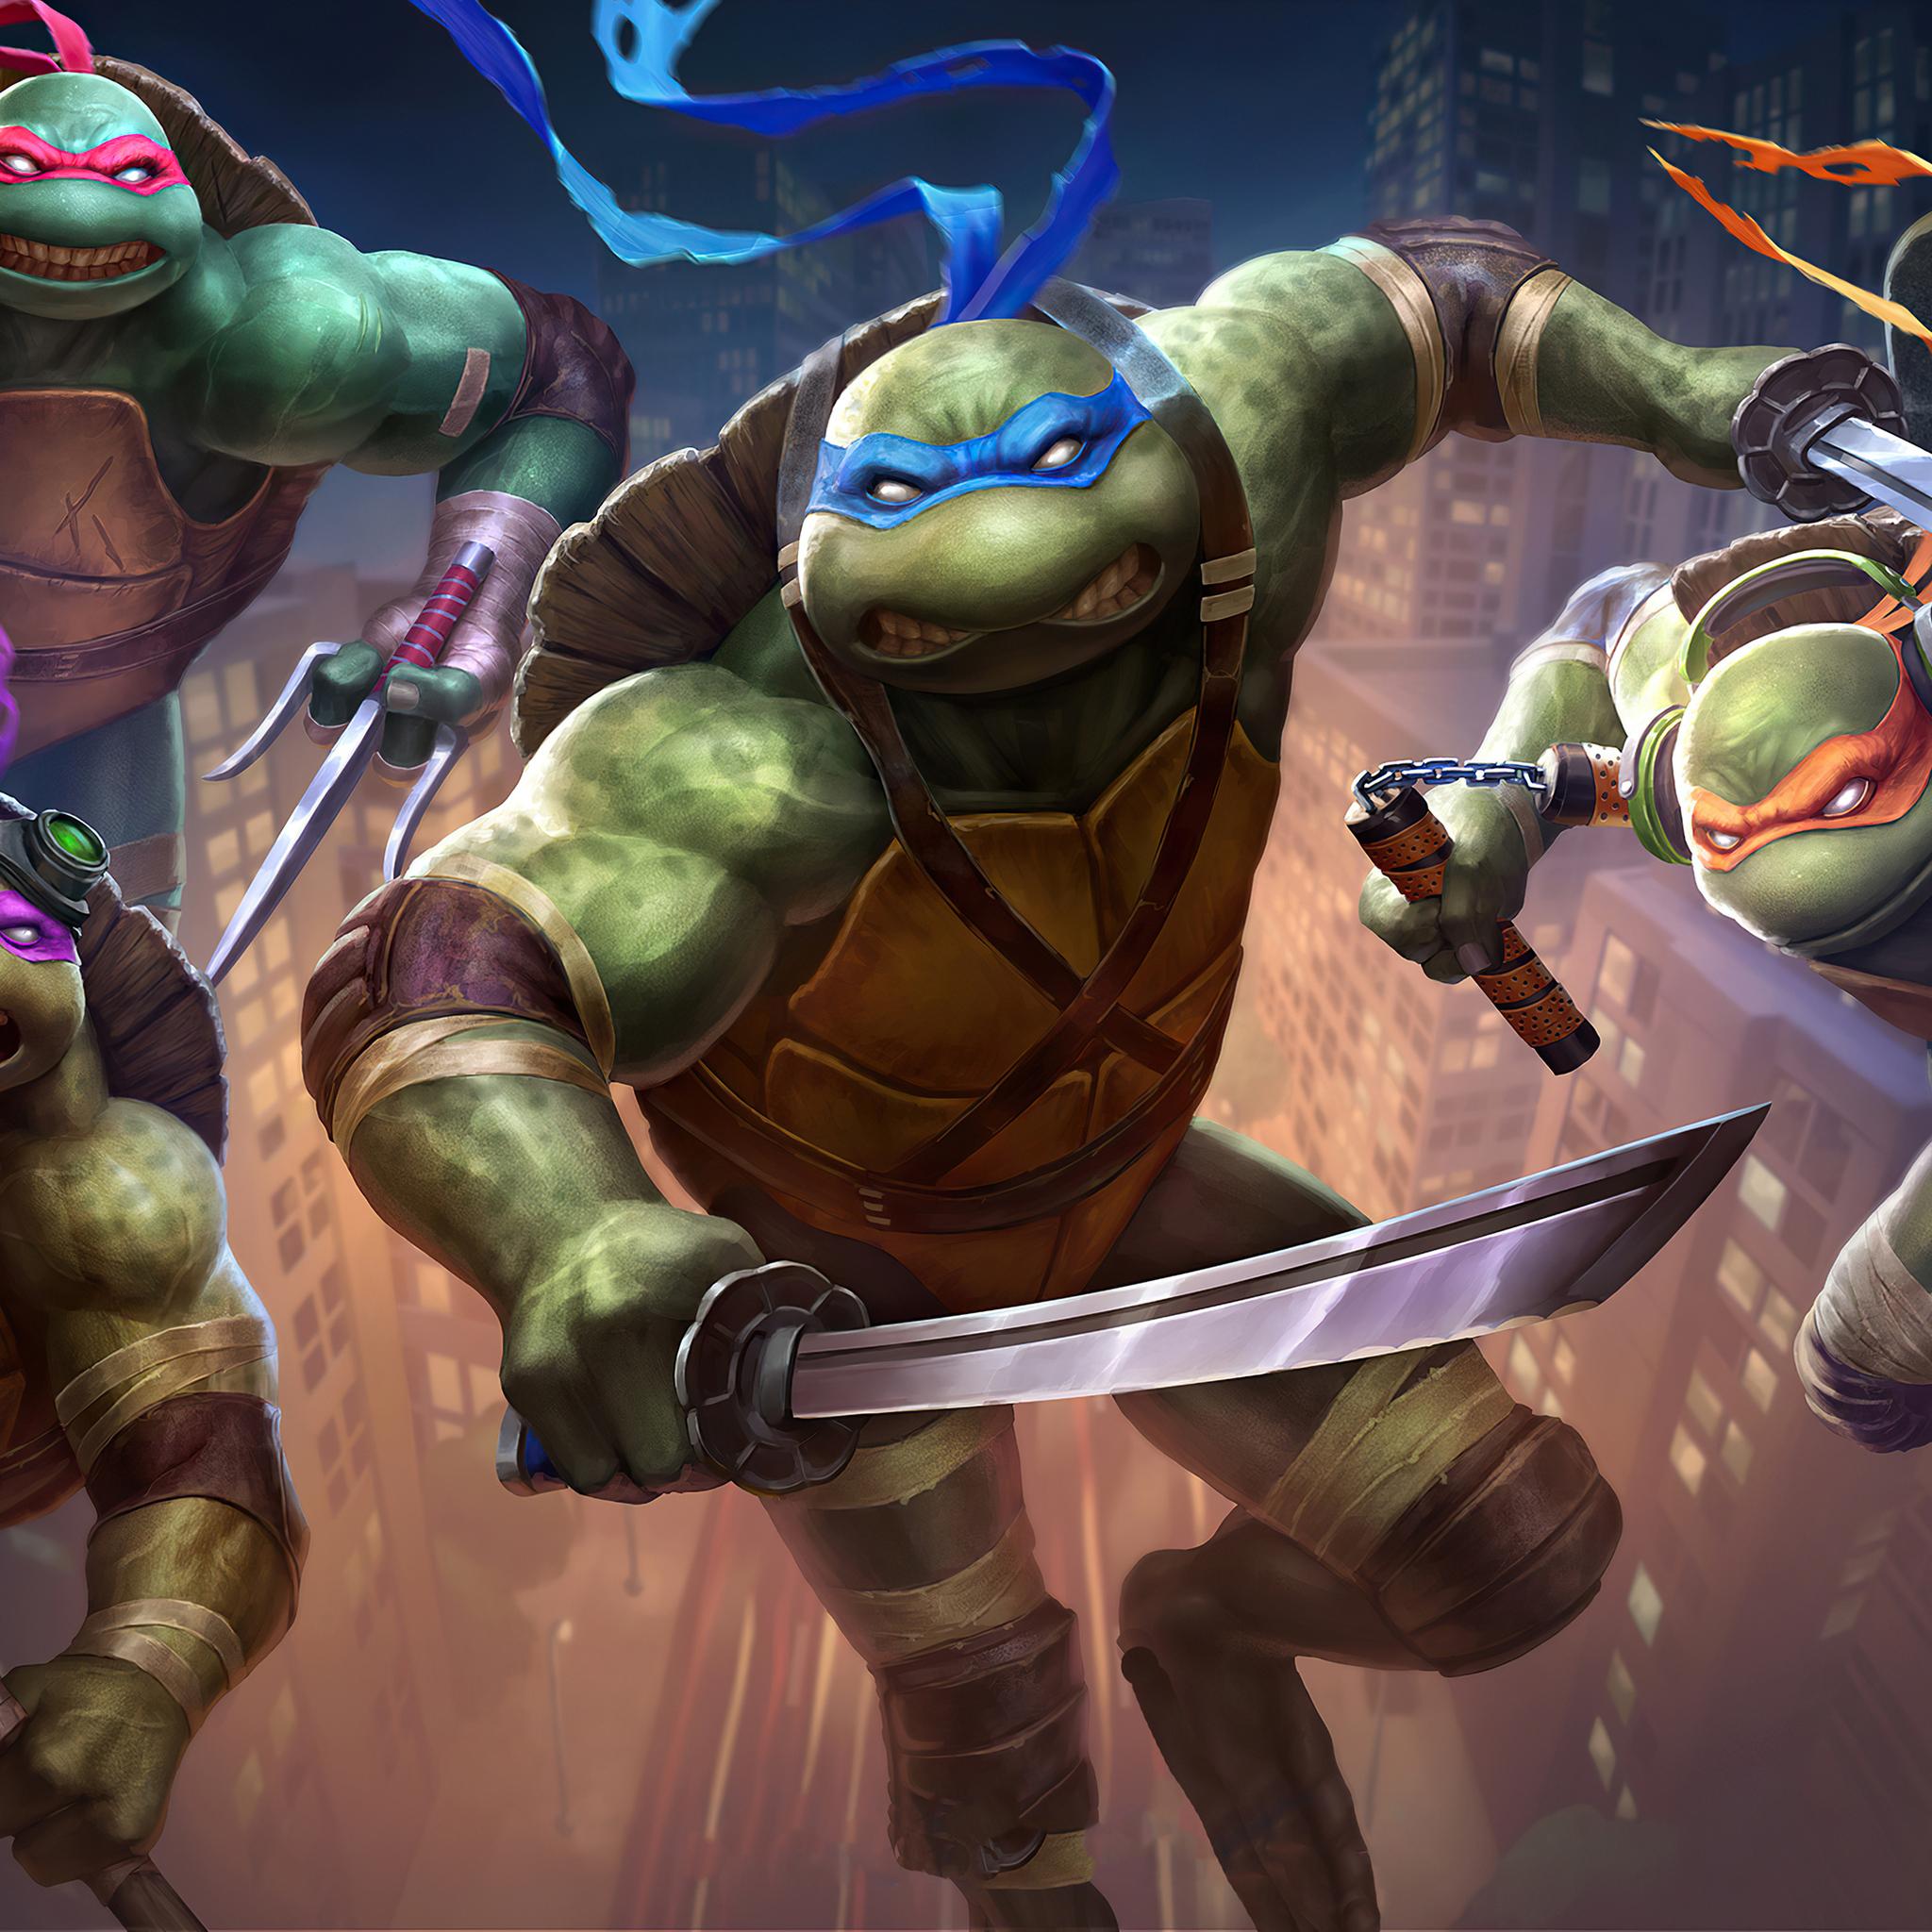 teenage-mutant-ninja-turtles-2020-bm.jpg